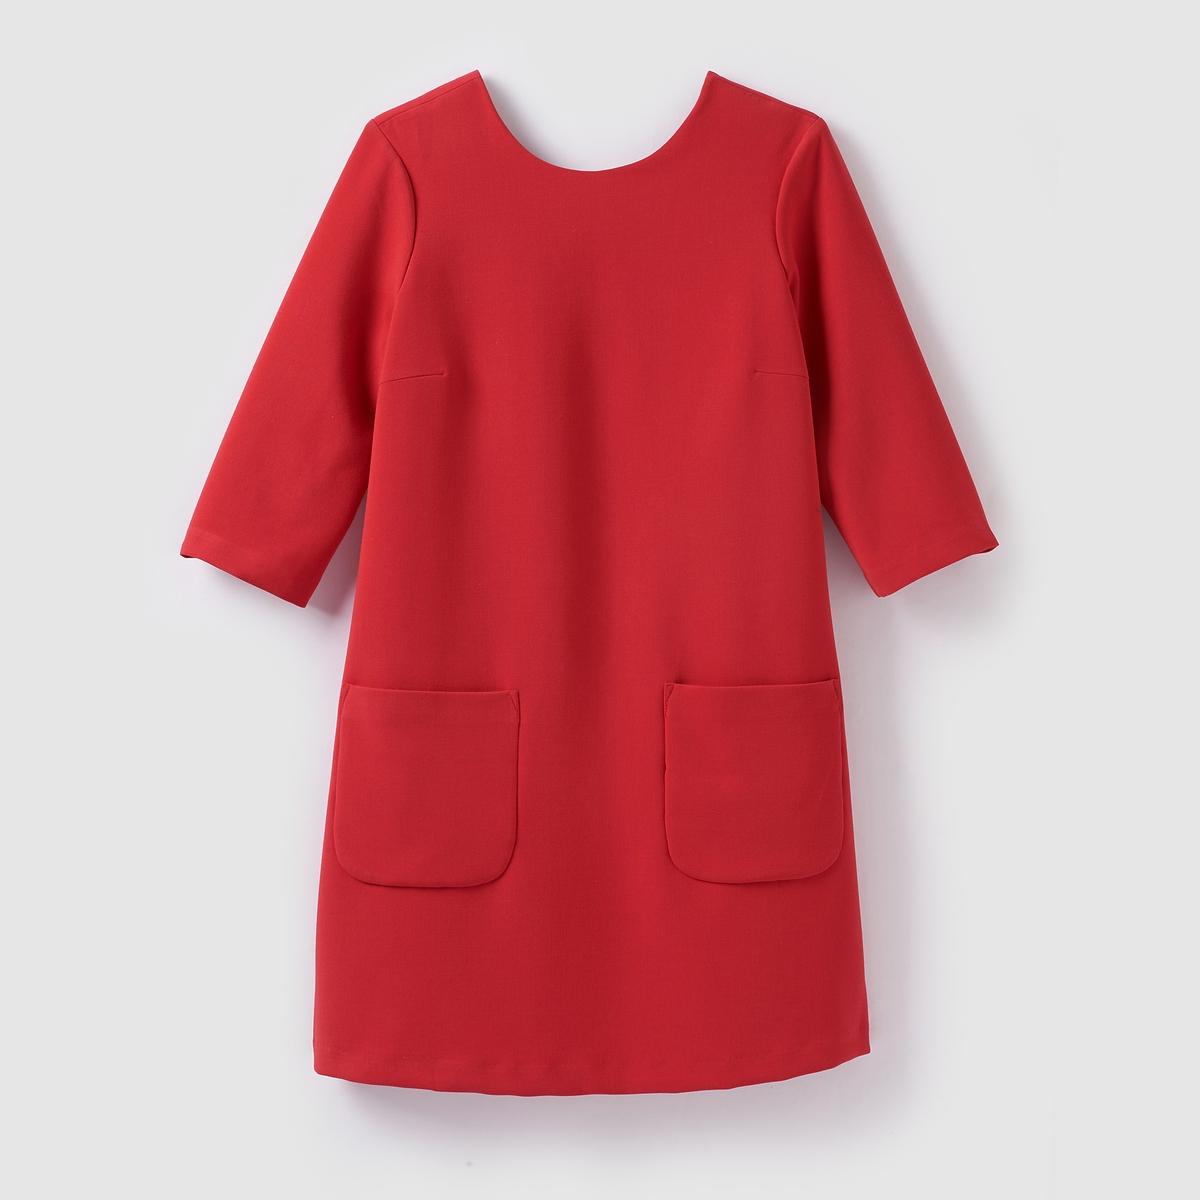 Платье короткое с короткими рукавамиСостав и деталиМатериал          63% полиэстера, 33% вискозы, 4% эластана Марка VERO MODA.               Уход     Следуйте рекомендациям по уходу, указанным на этикетке изделия<br><br>Цвет: красный,черный<br>Размер: XS.M